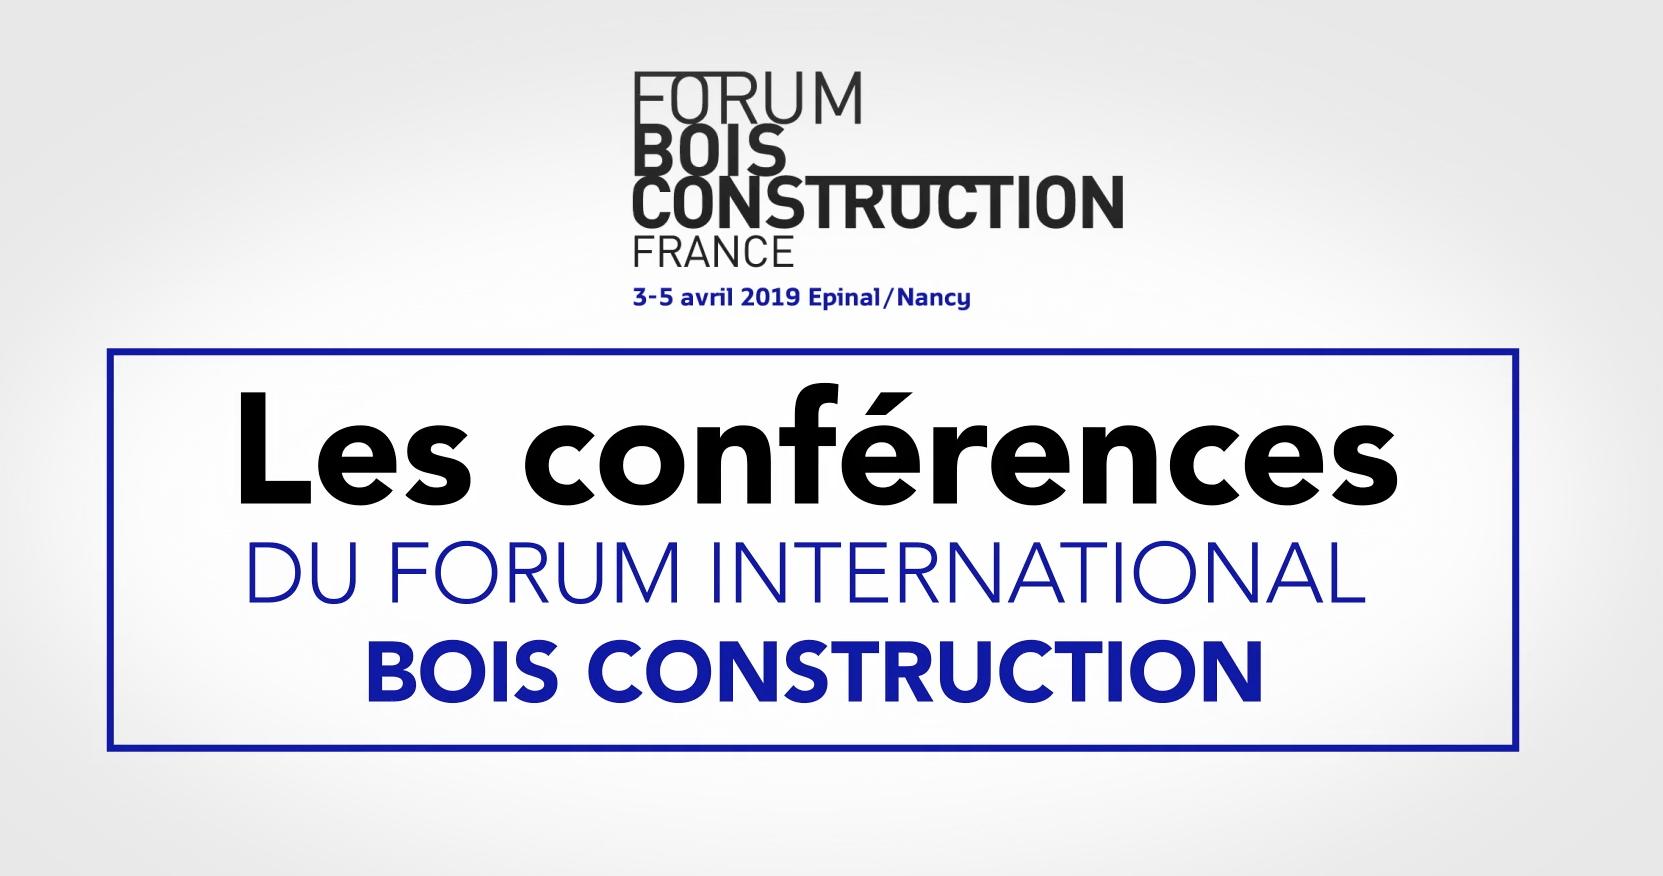 Forum Bois Construction 2019 en vidéo à la demande : un nouvel outil pédagogique